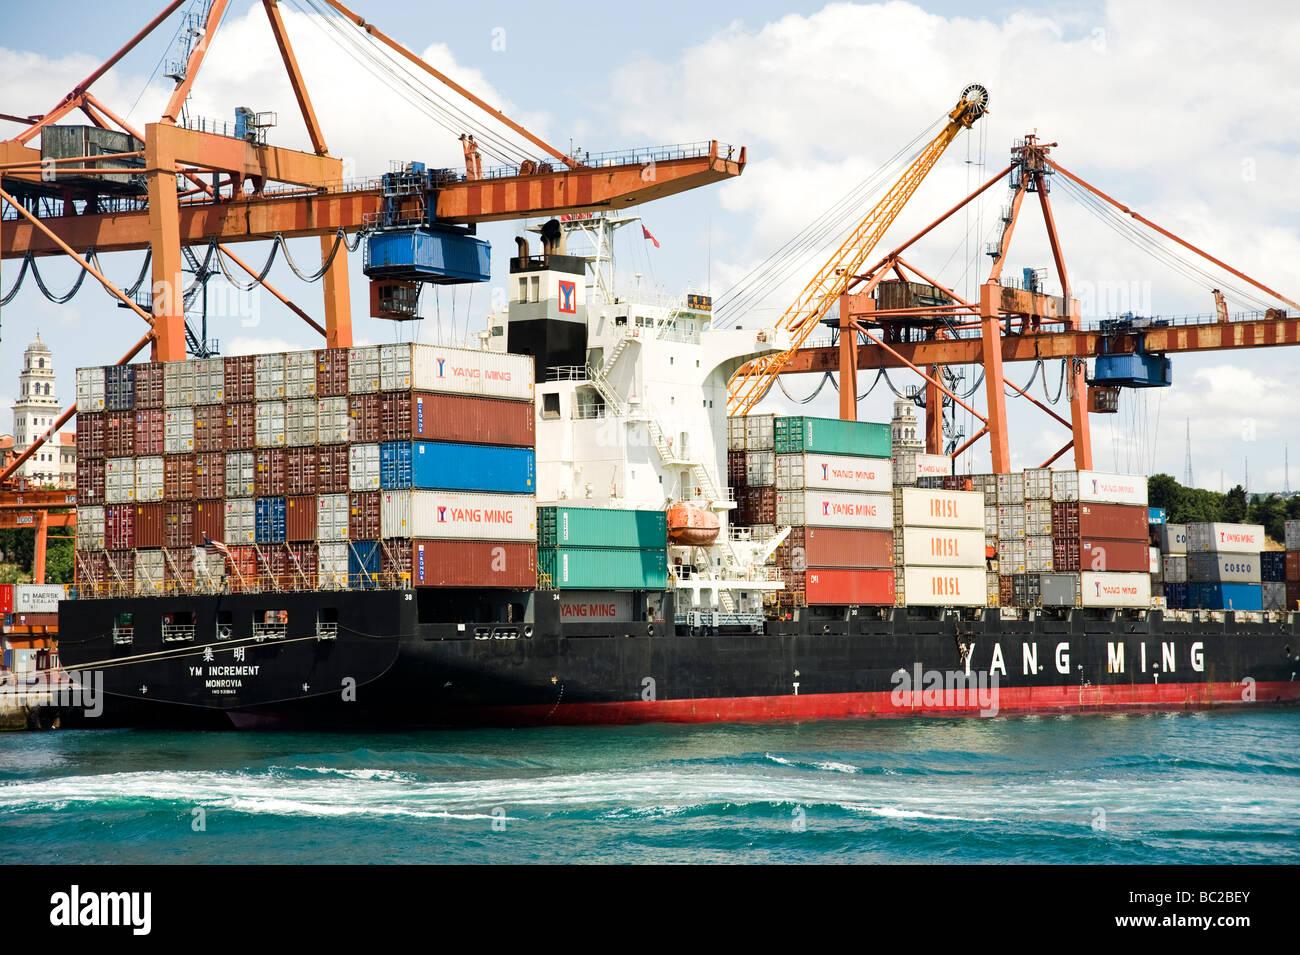 La descarga de un buque portacontenedores productos importados de China Foto de stock